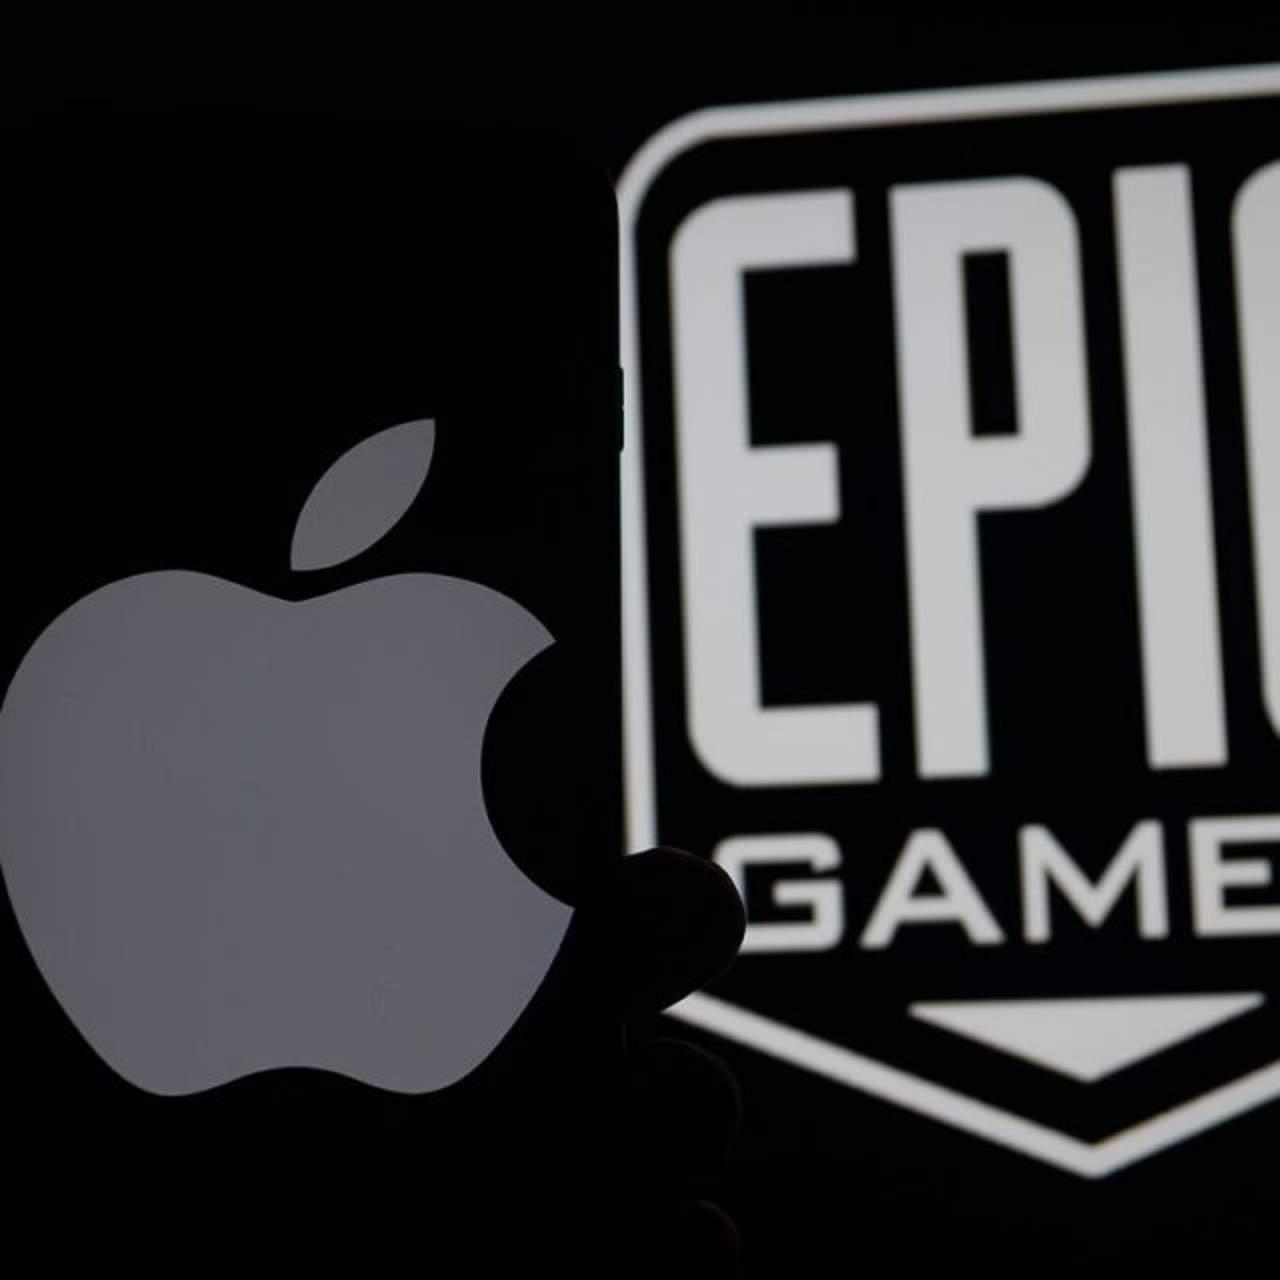 Epic Games apela el fallo de la Justicia de Estados Unidos que niega que Apple sea monopolio